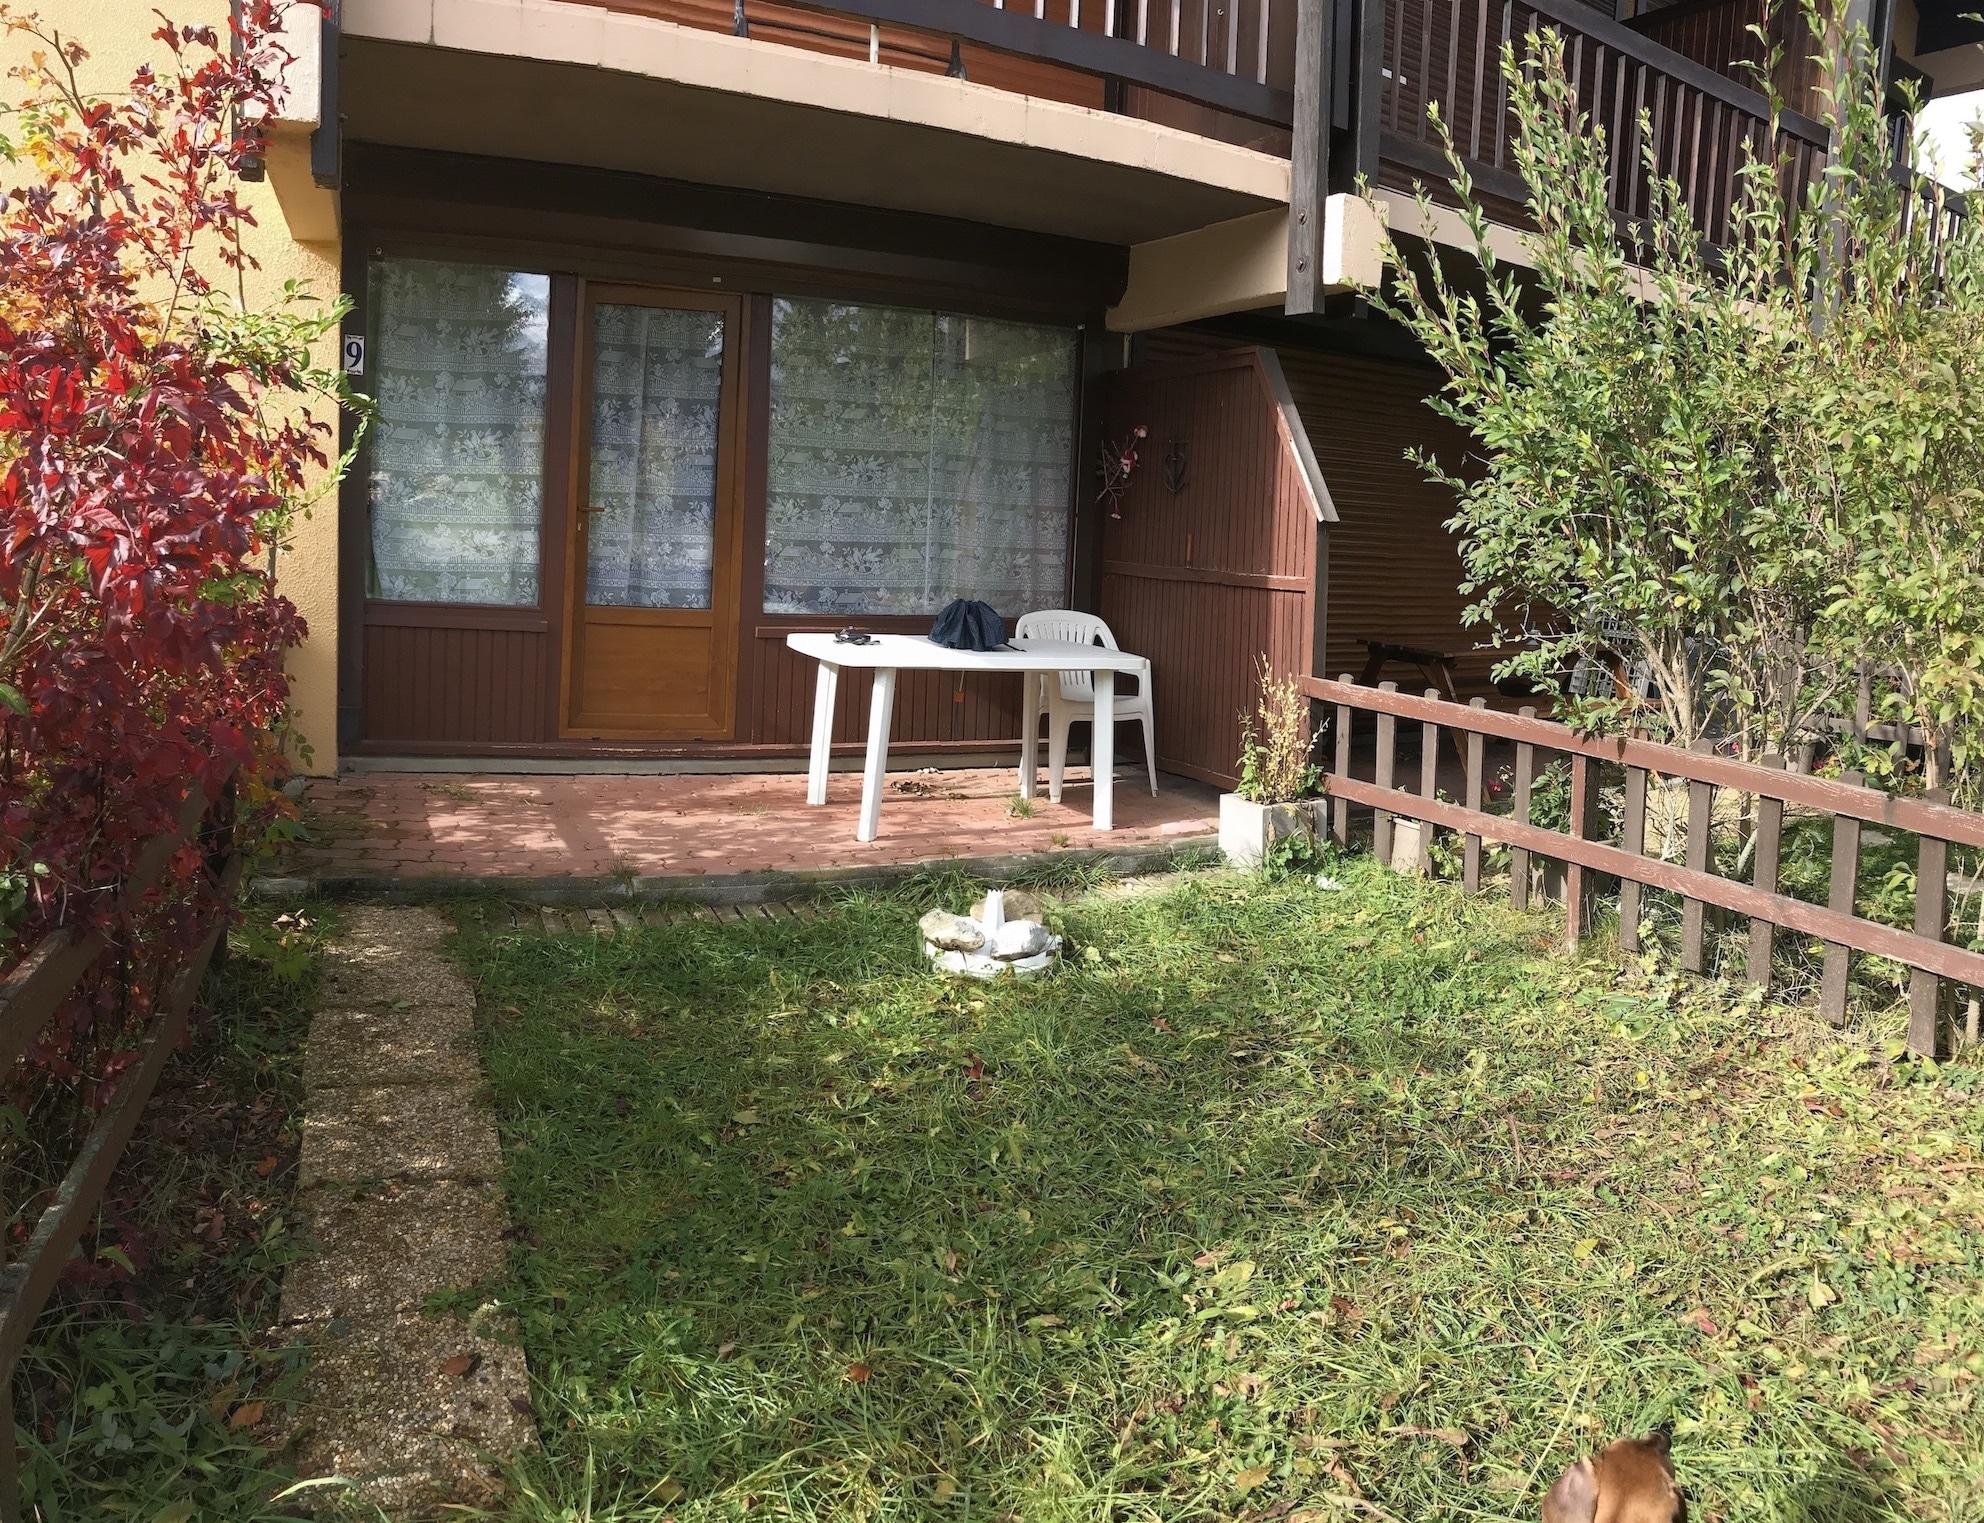 sanchez jardin - ANCELLE STUDIO EN RDC AVEC JARDINET (4 COUCHAGES)